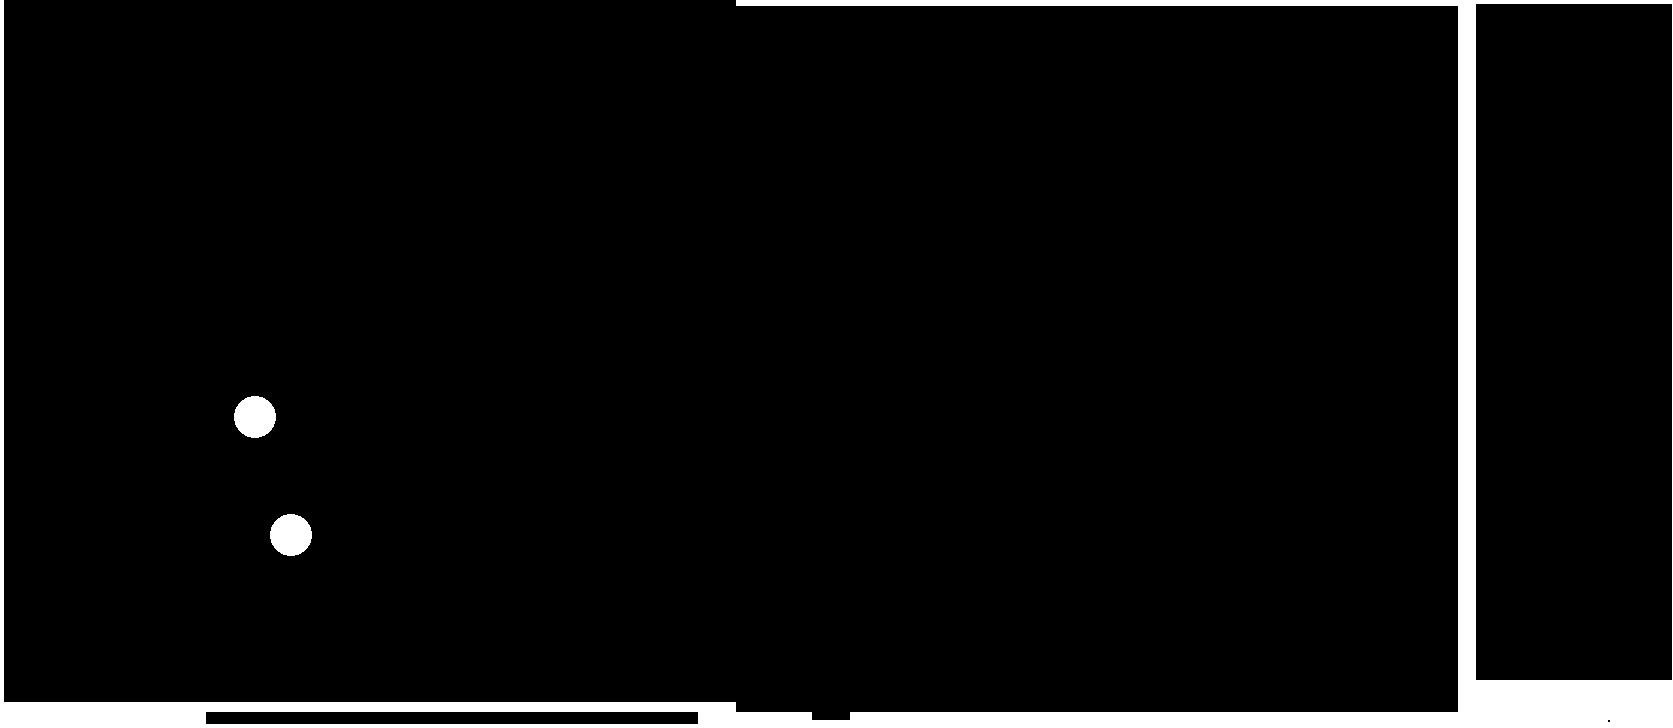 Original VICKYLOU'S Logo